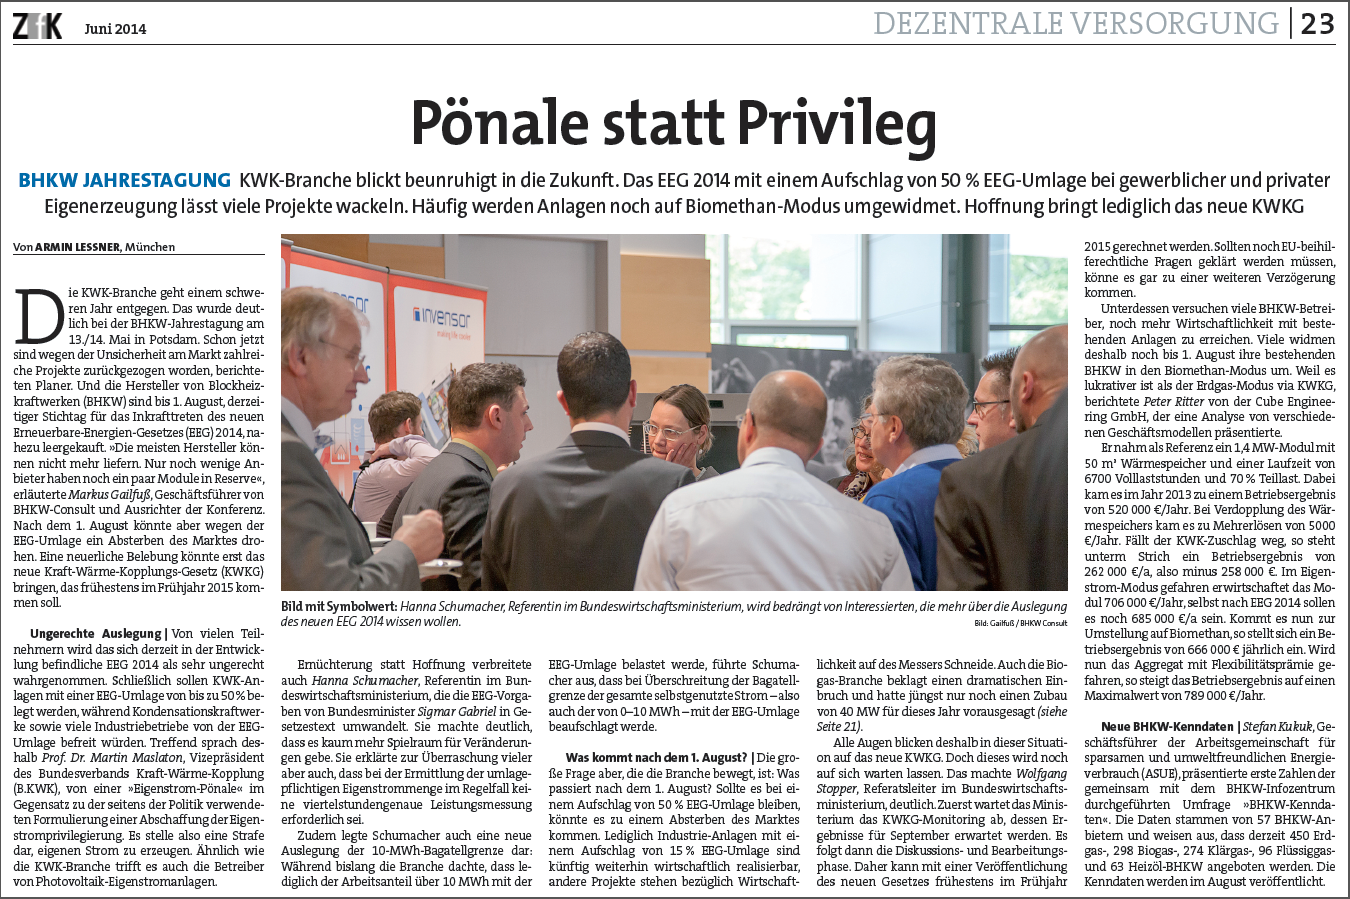 """Bericht in der ZfK über die Jahreskonferenz """"BHKW 2014 – Innovative Technologien und neue Rahmenbedingungen"""""""